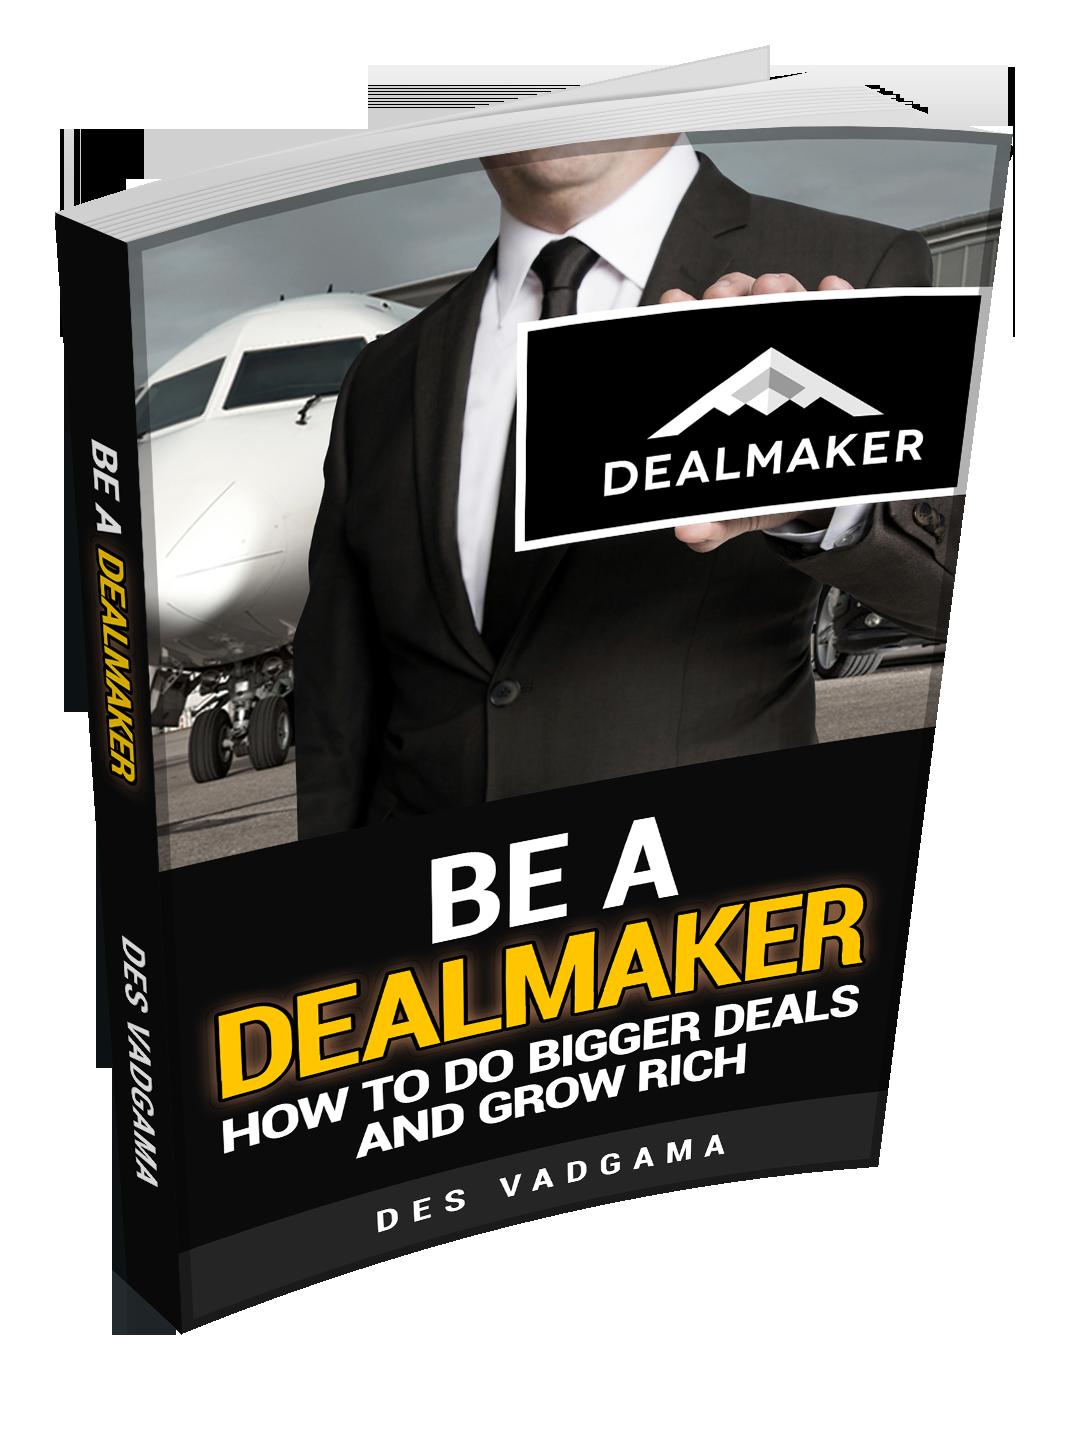 Dealmaker franchise